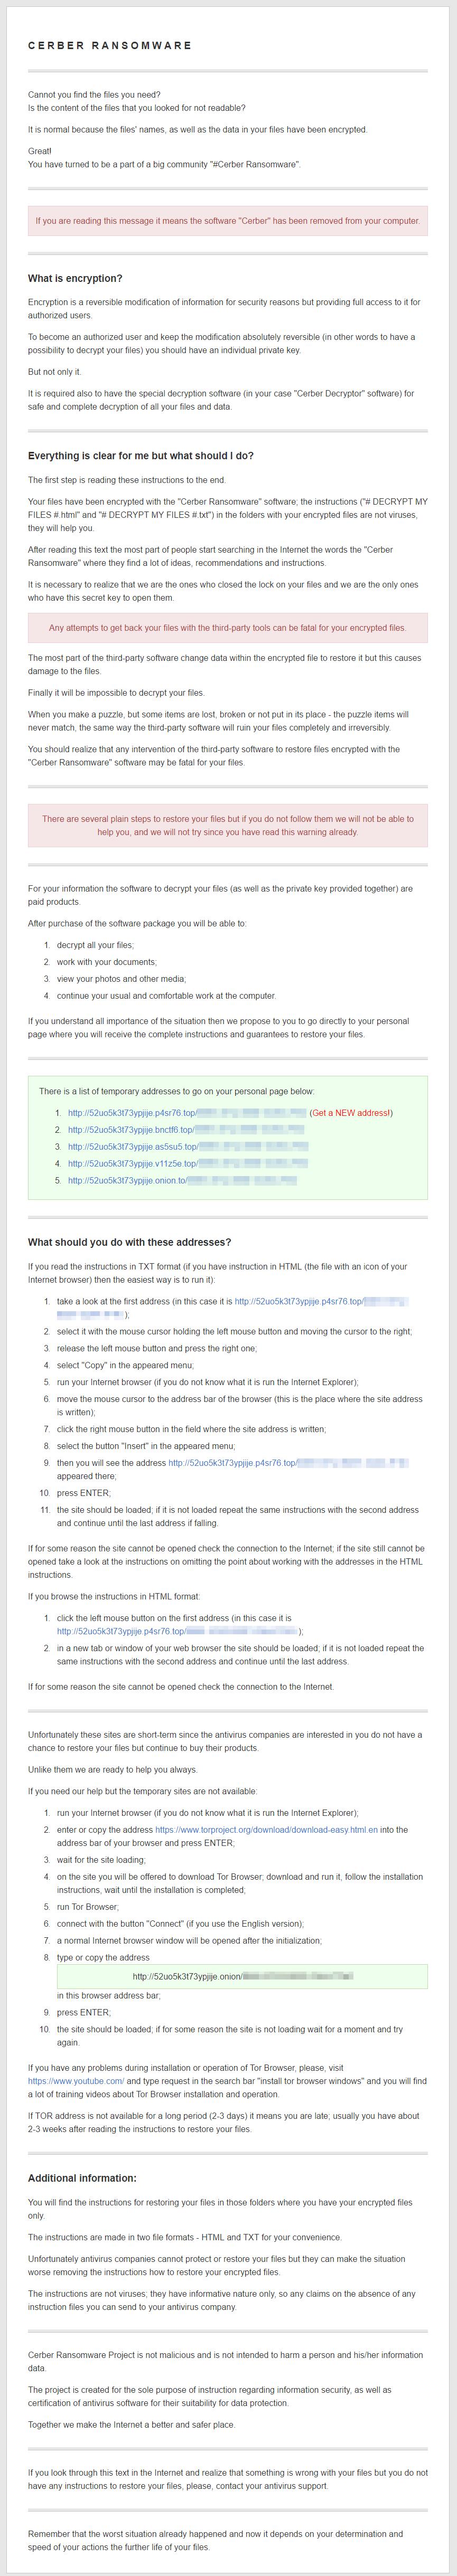 Full Cerber ransom note screenshot (HTML)